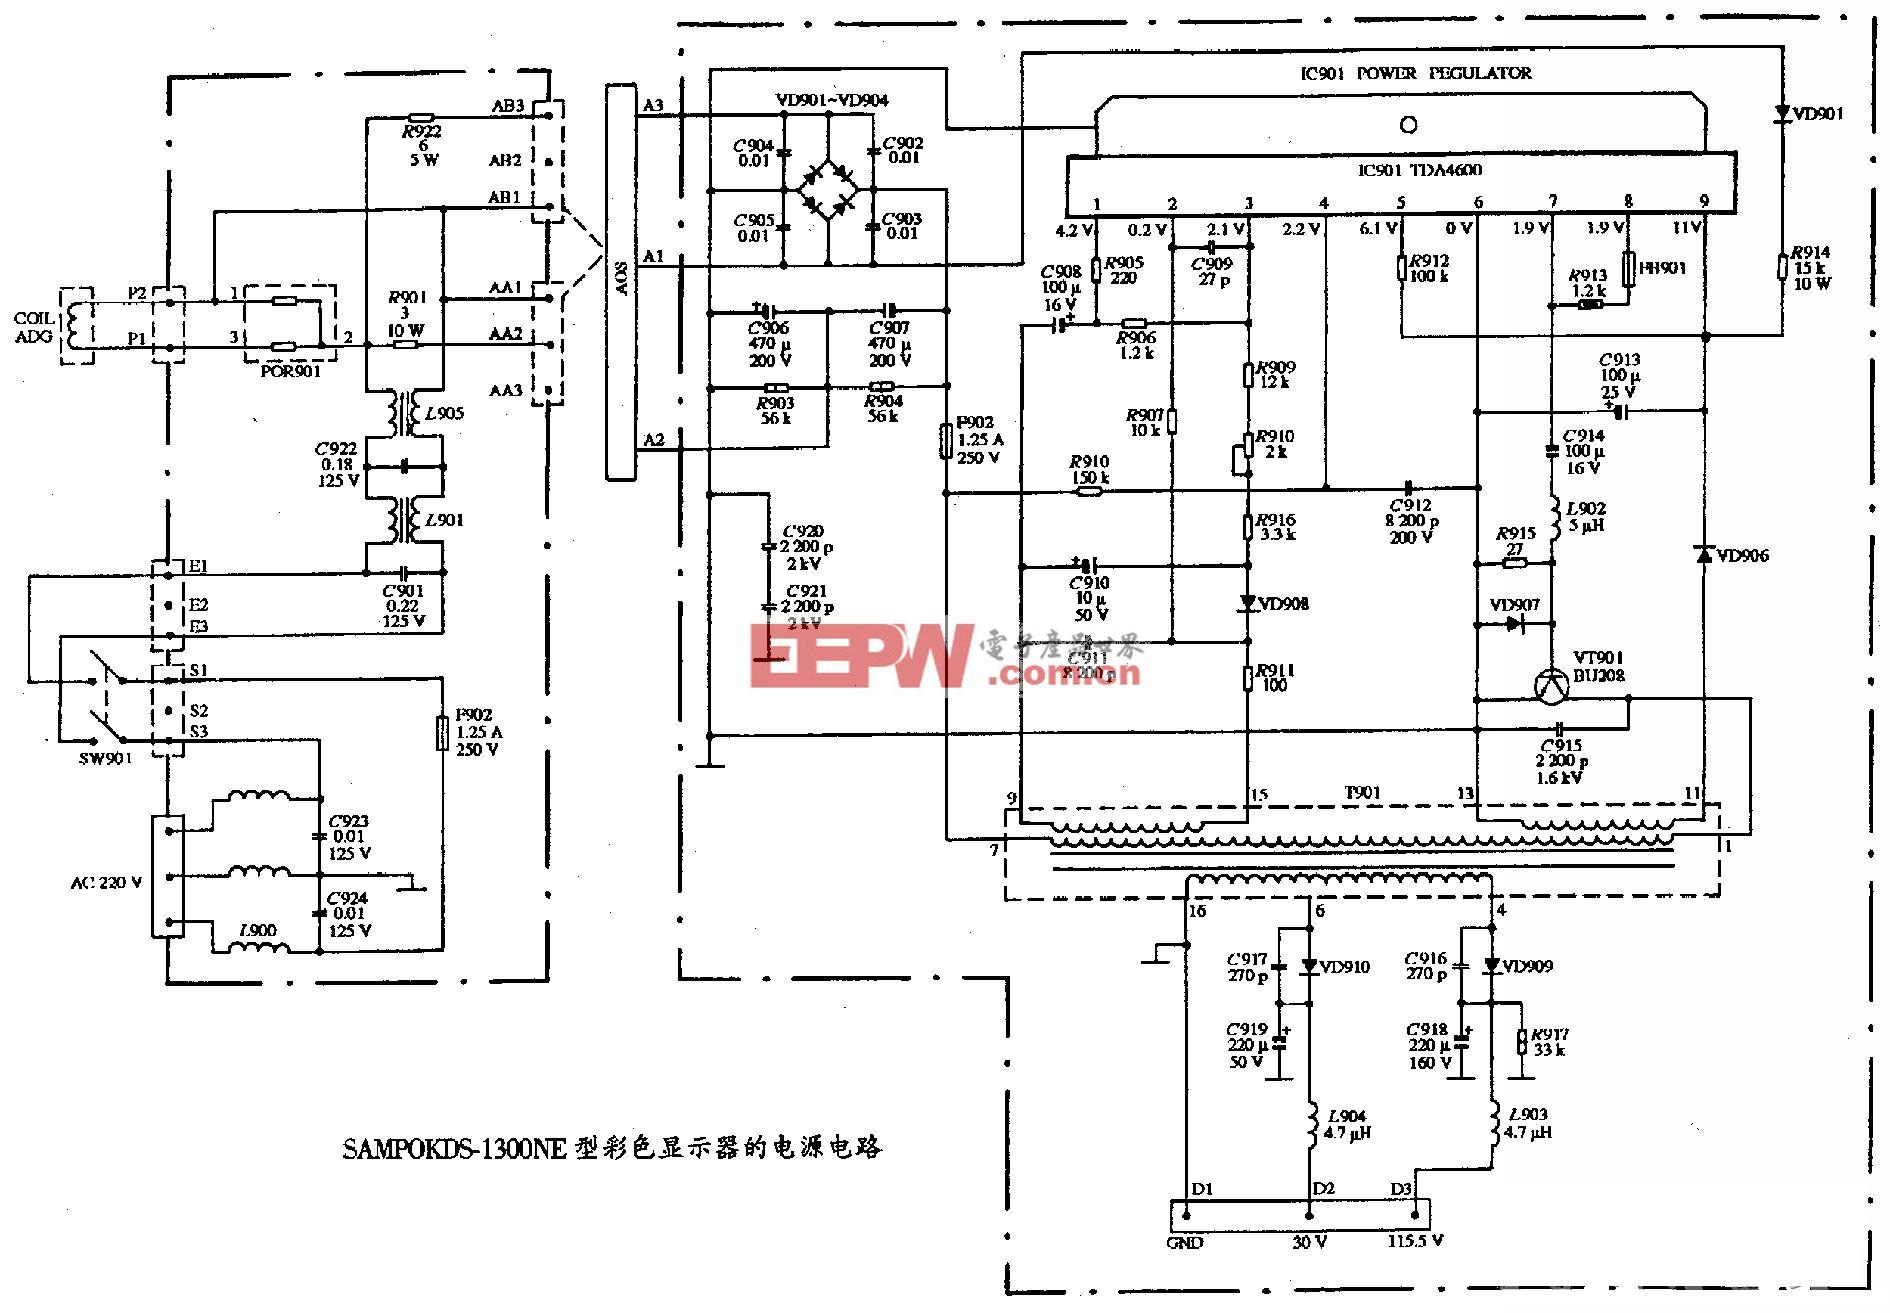 SAMPO KDS-1300NE型彩色显示器的电源电路图